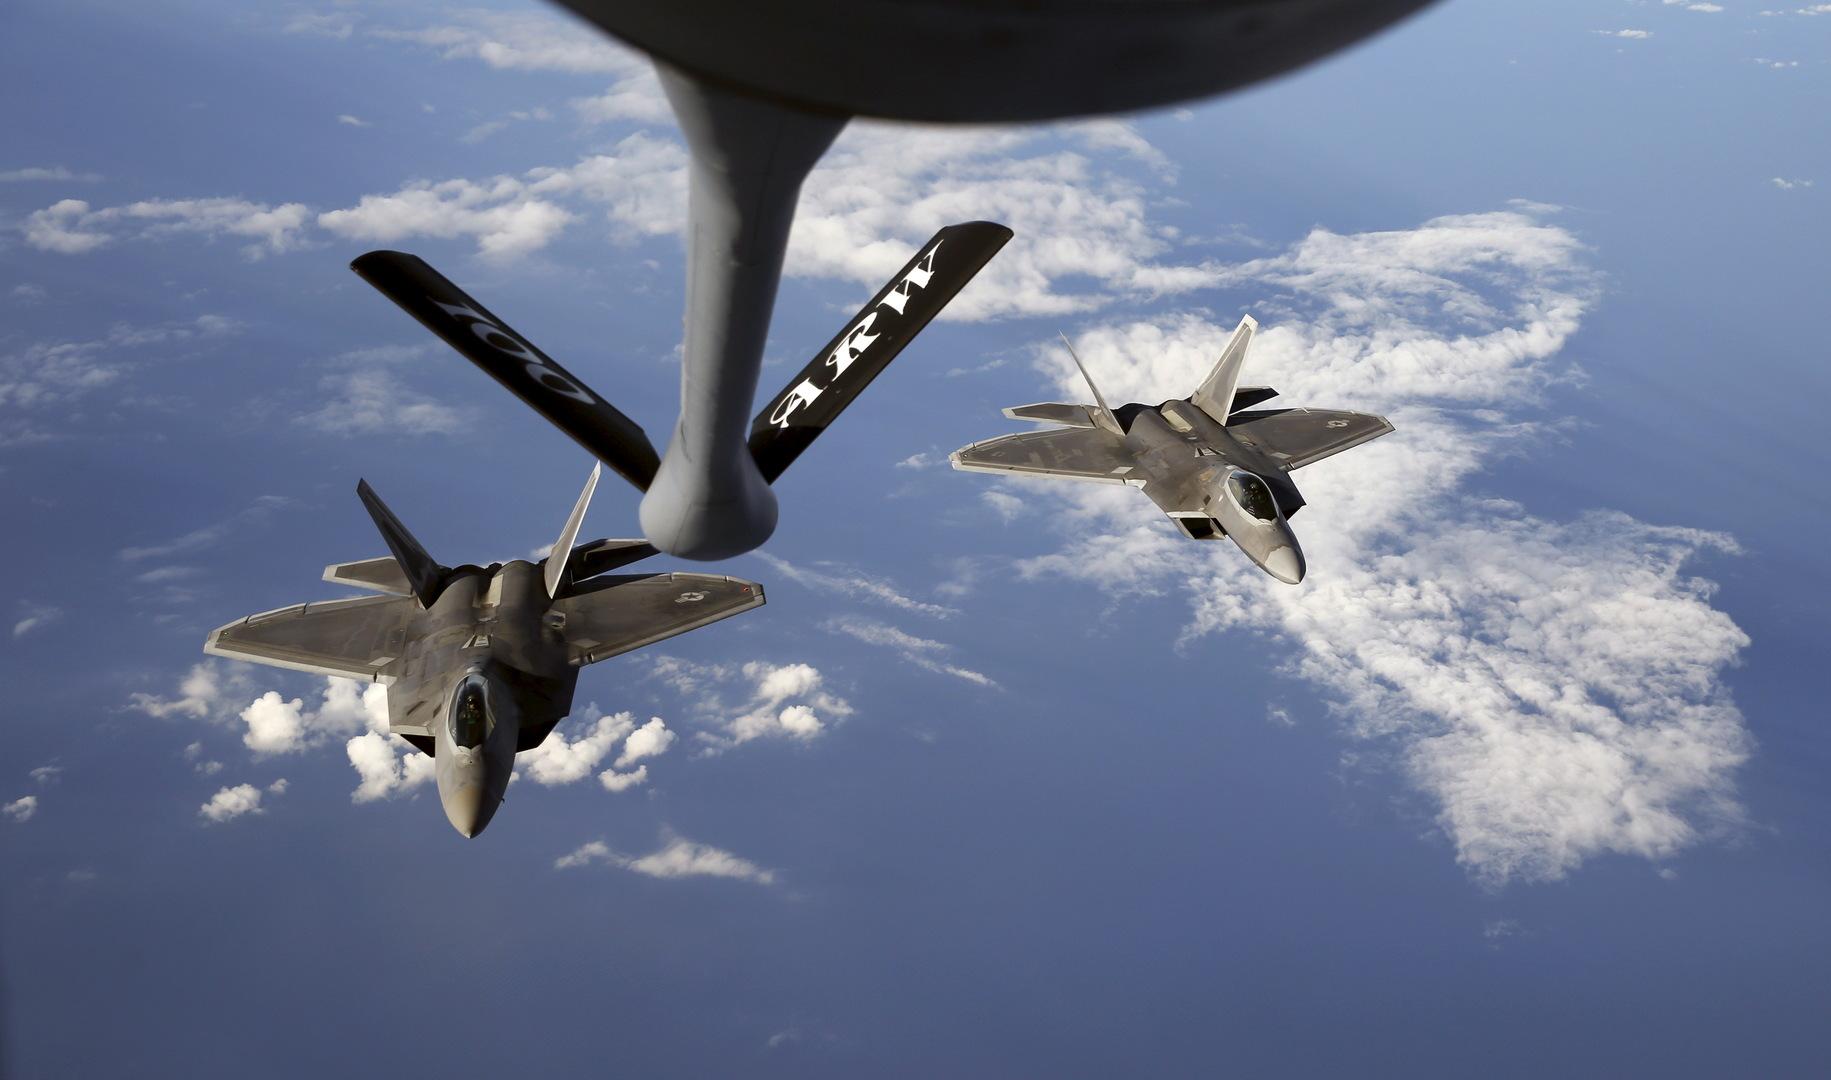 تقرير: الشرق الأوسط سيبقى أكبر سوق للطائرات الحربية خلال 10 سنوات